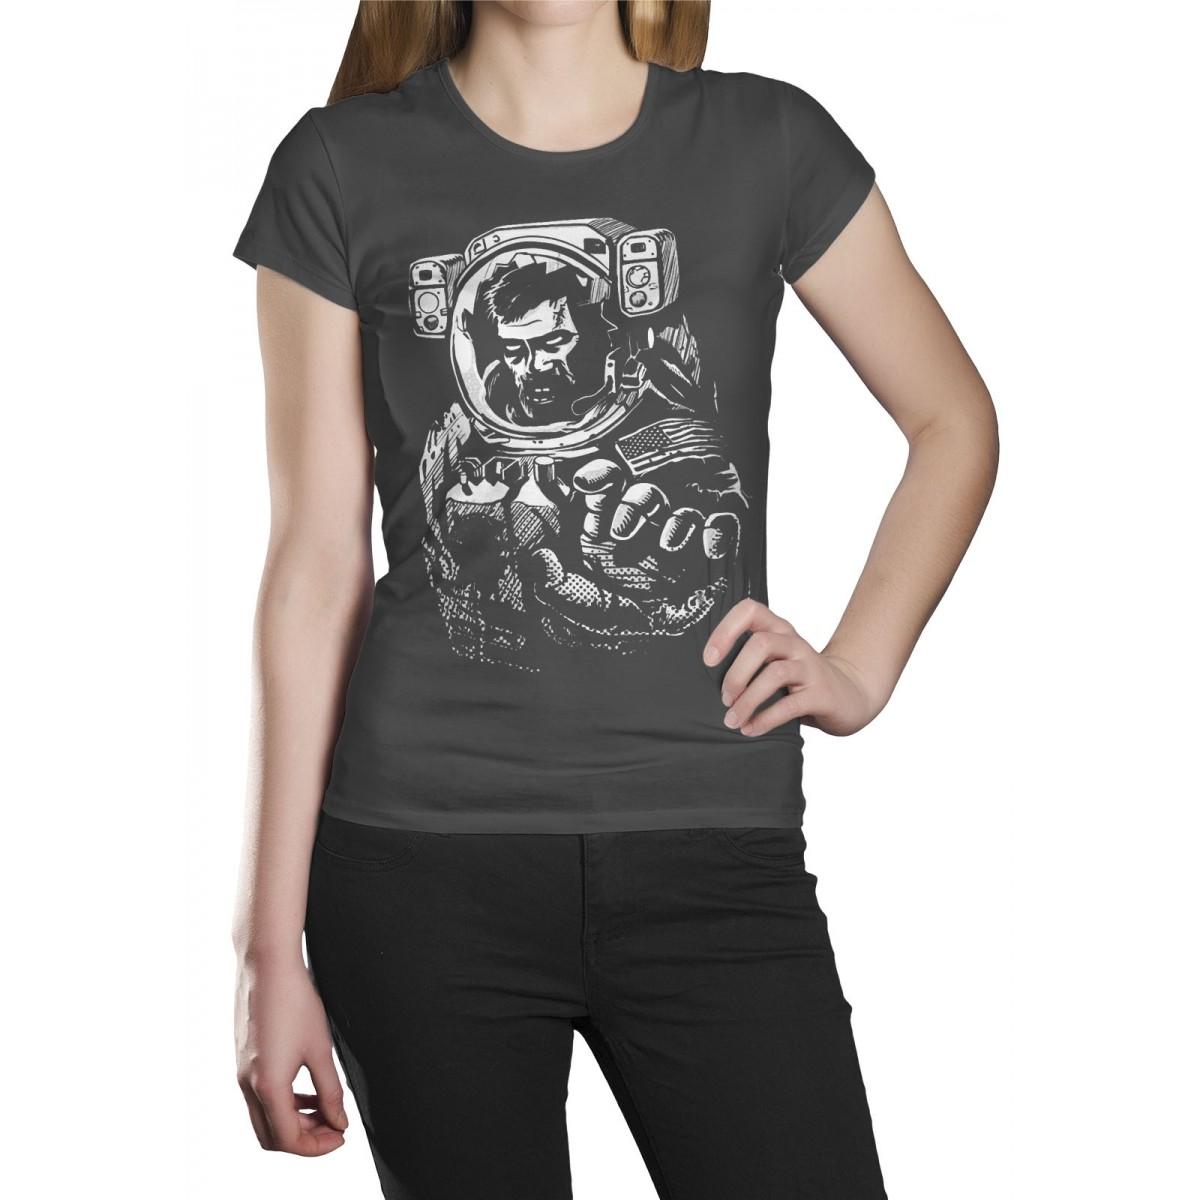 Camiseta HShop Astronauta Zumbi Cinza  - HShop